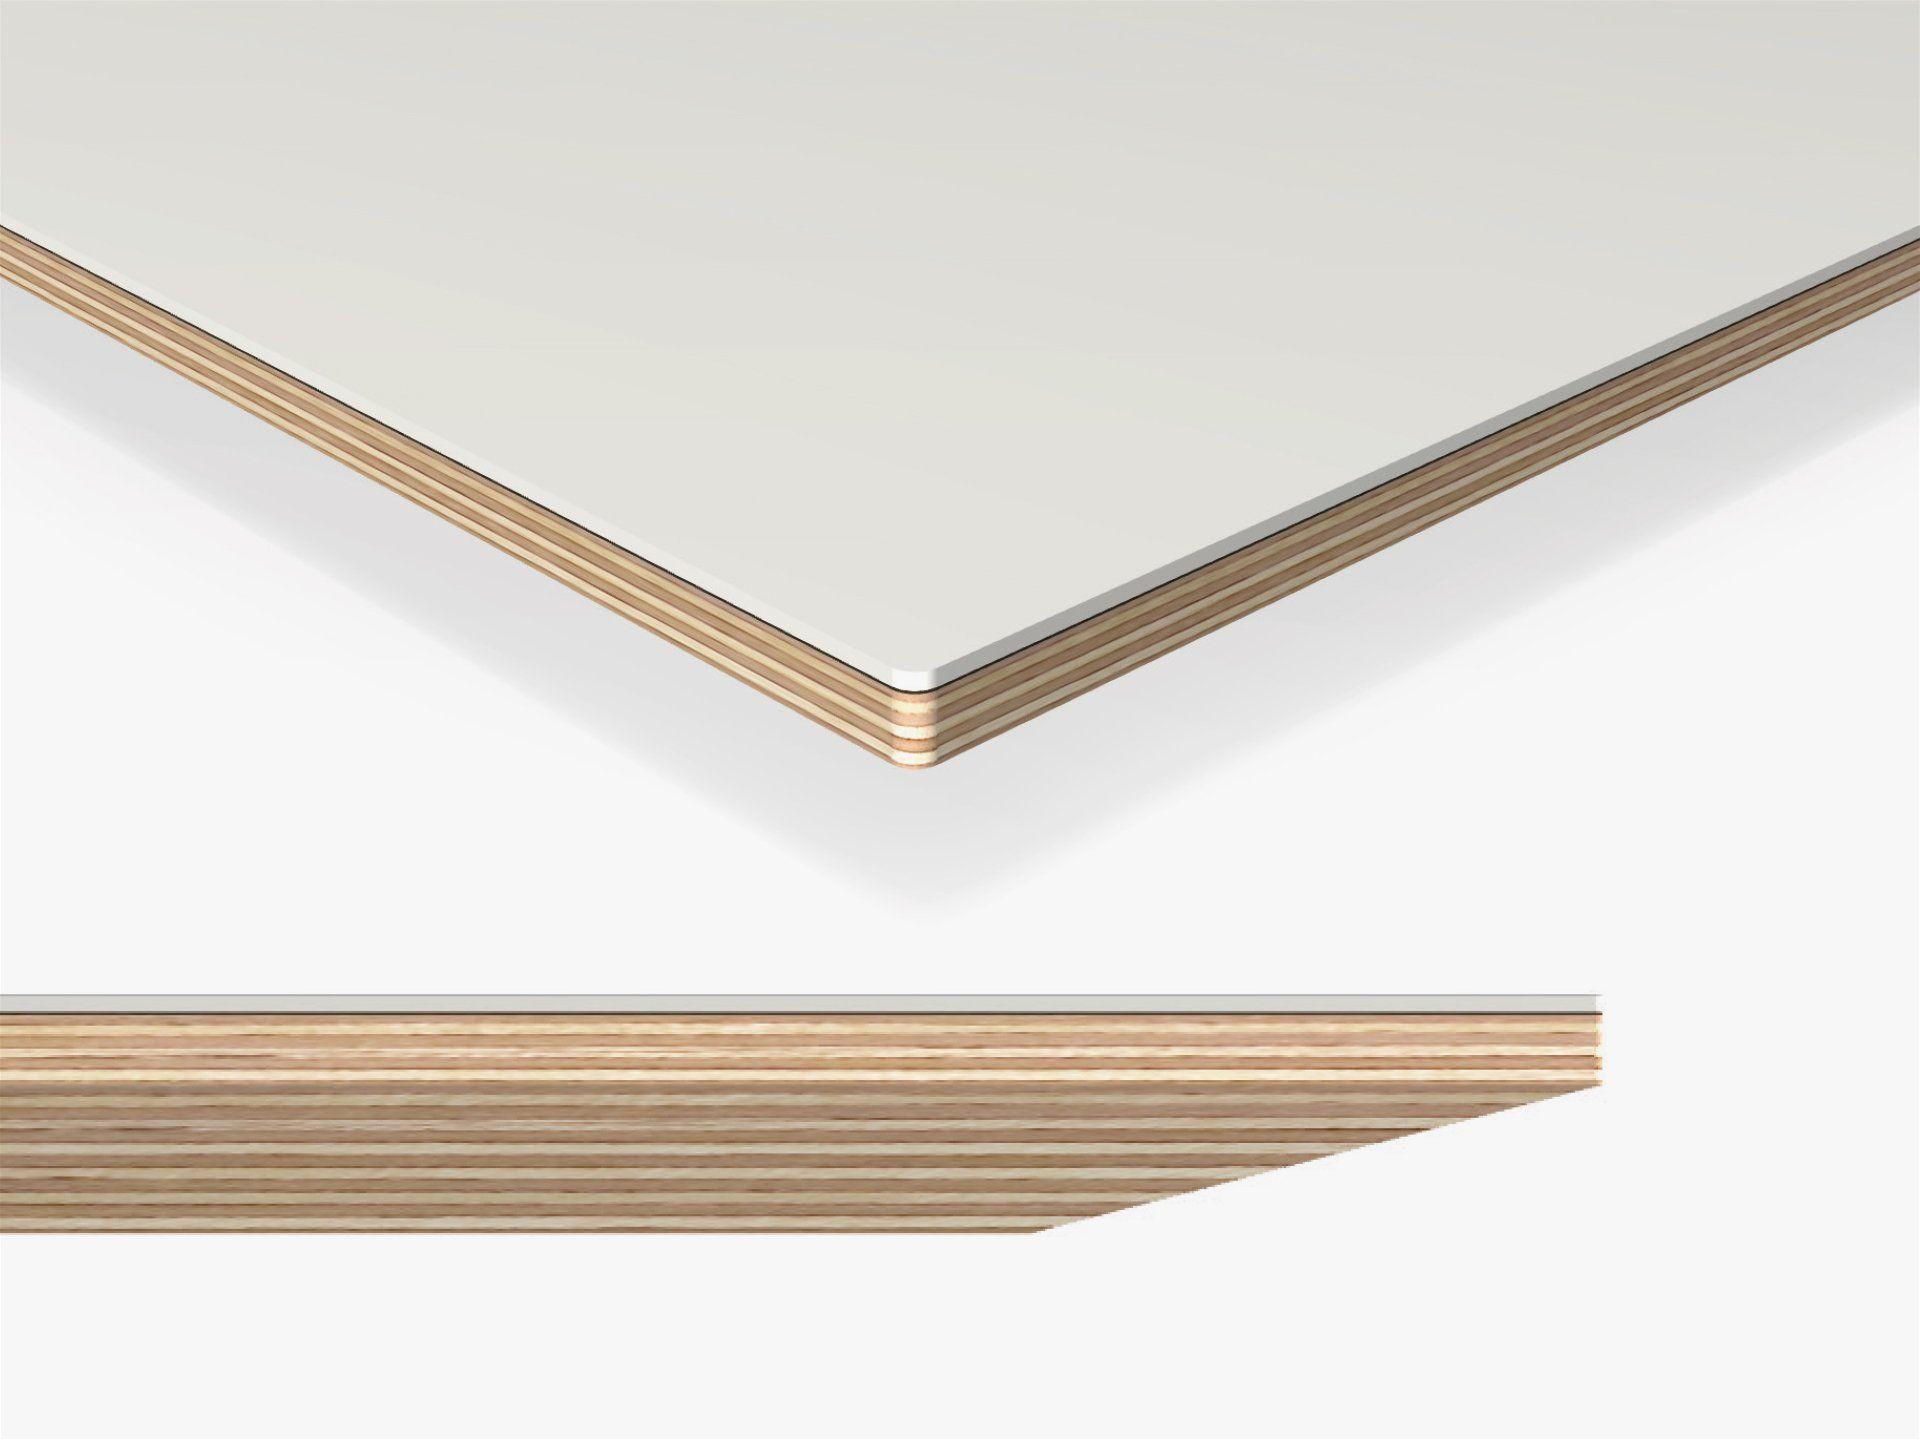 Linoleum Tischplatte Schrägkante 3mm Eckradius Im Zuschnitt Kaufen